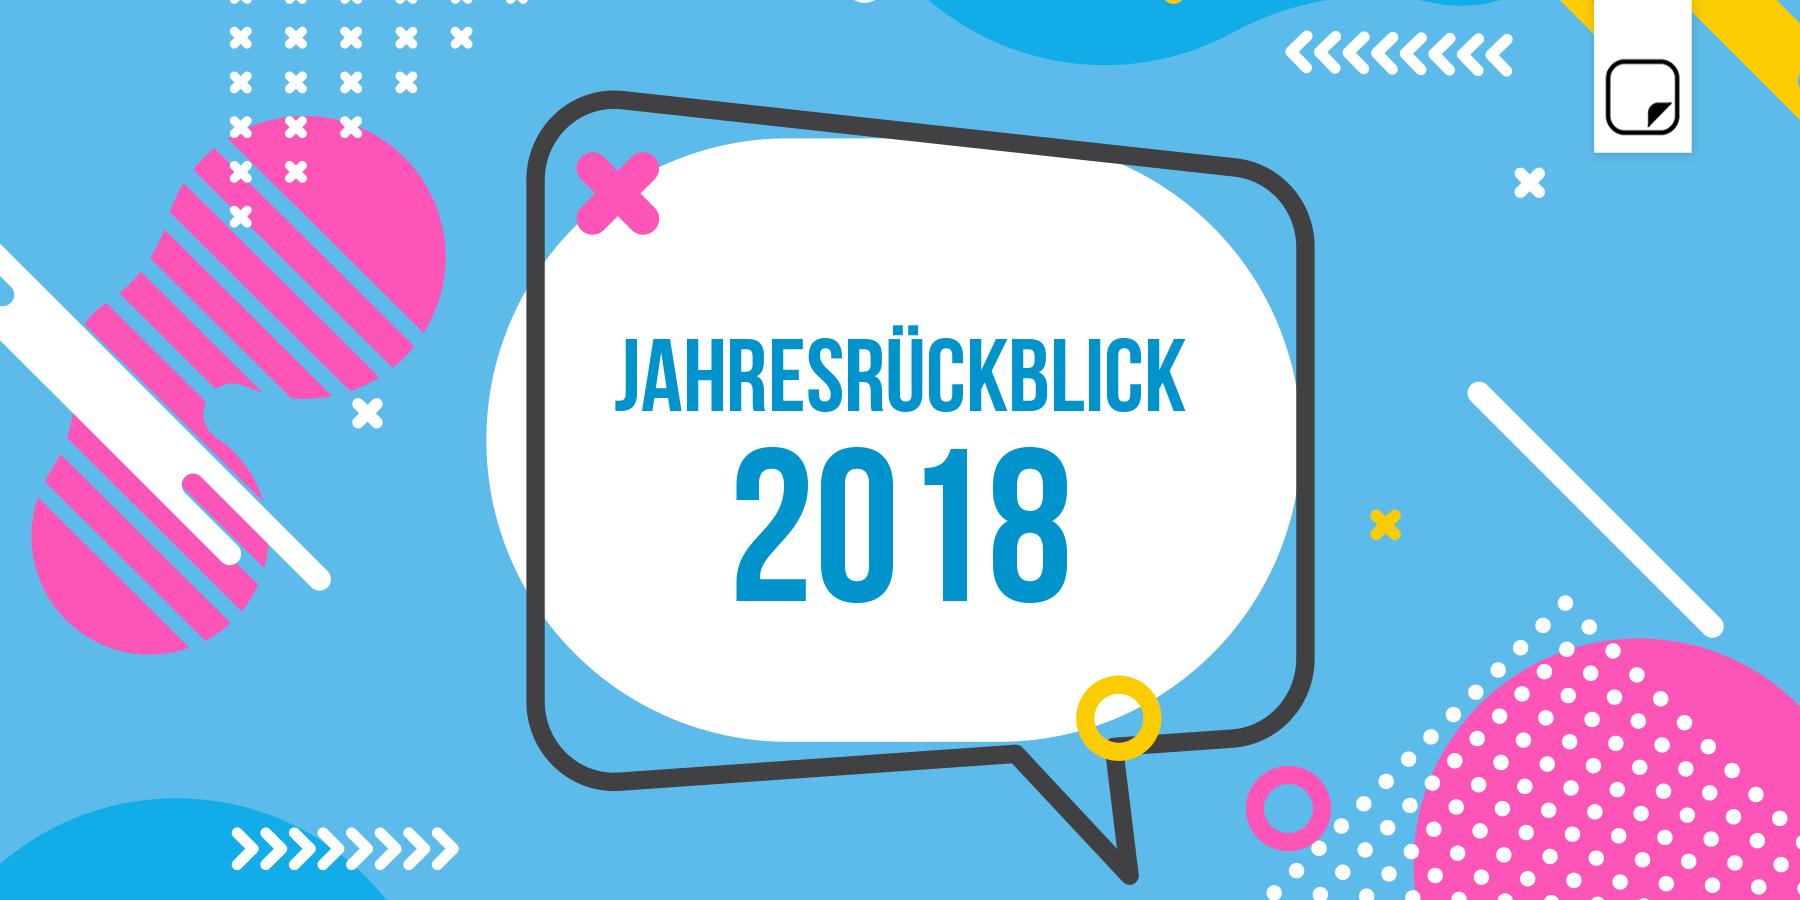 Ein tolles Jahr liegt hinter uns - Jahresrückblick 2018